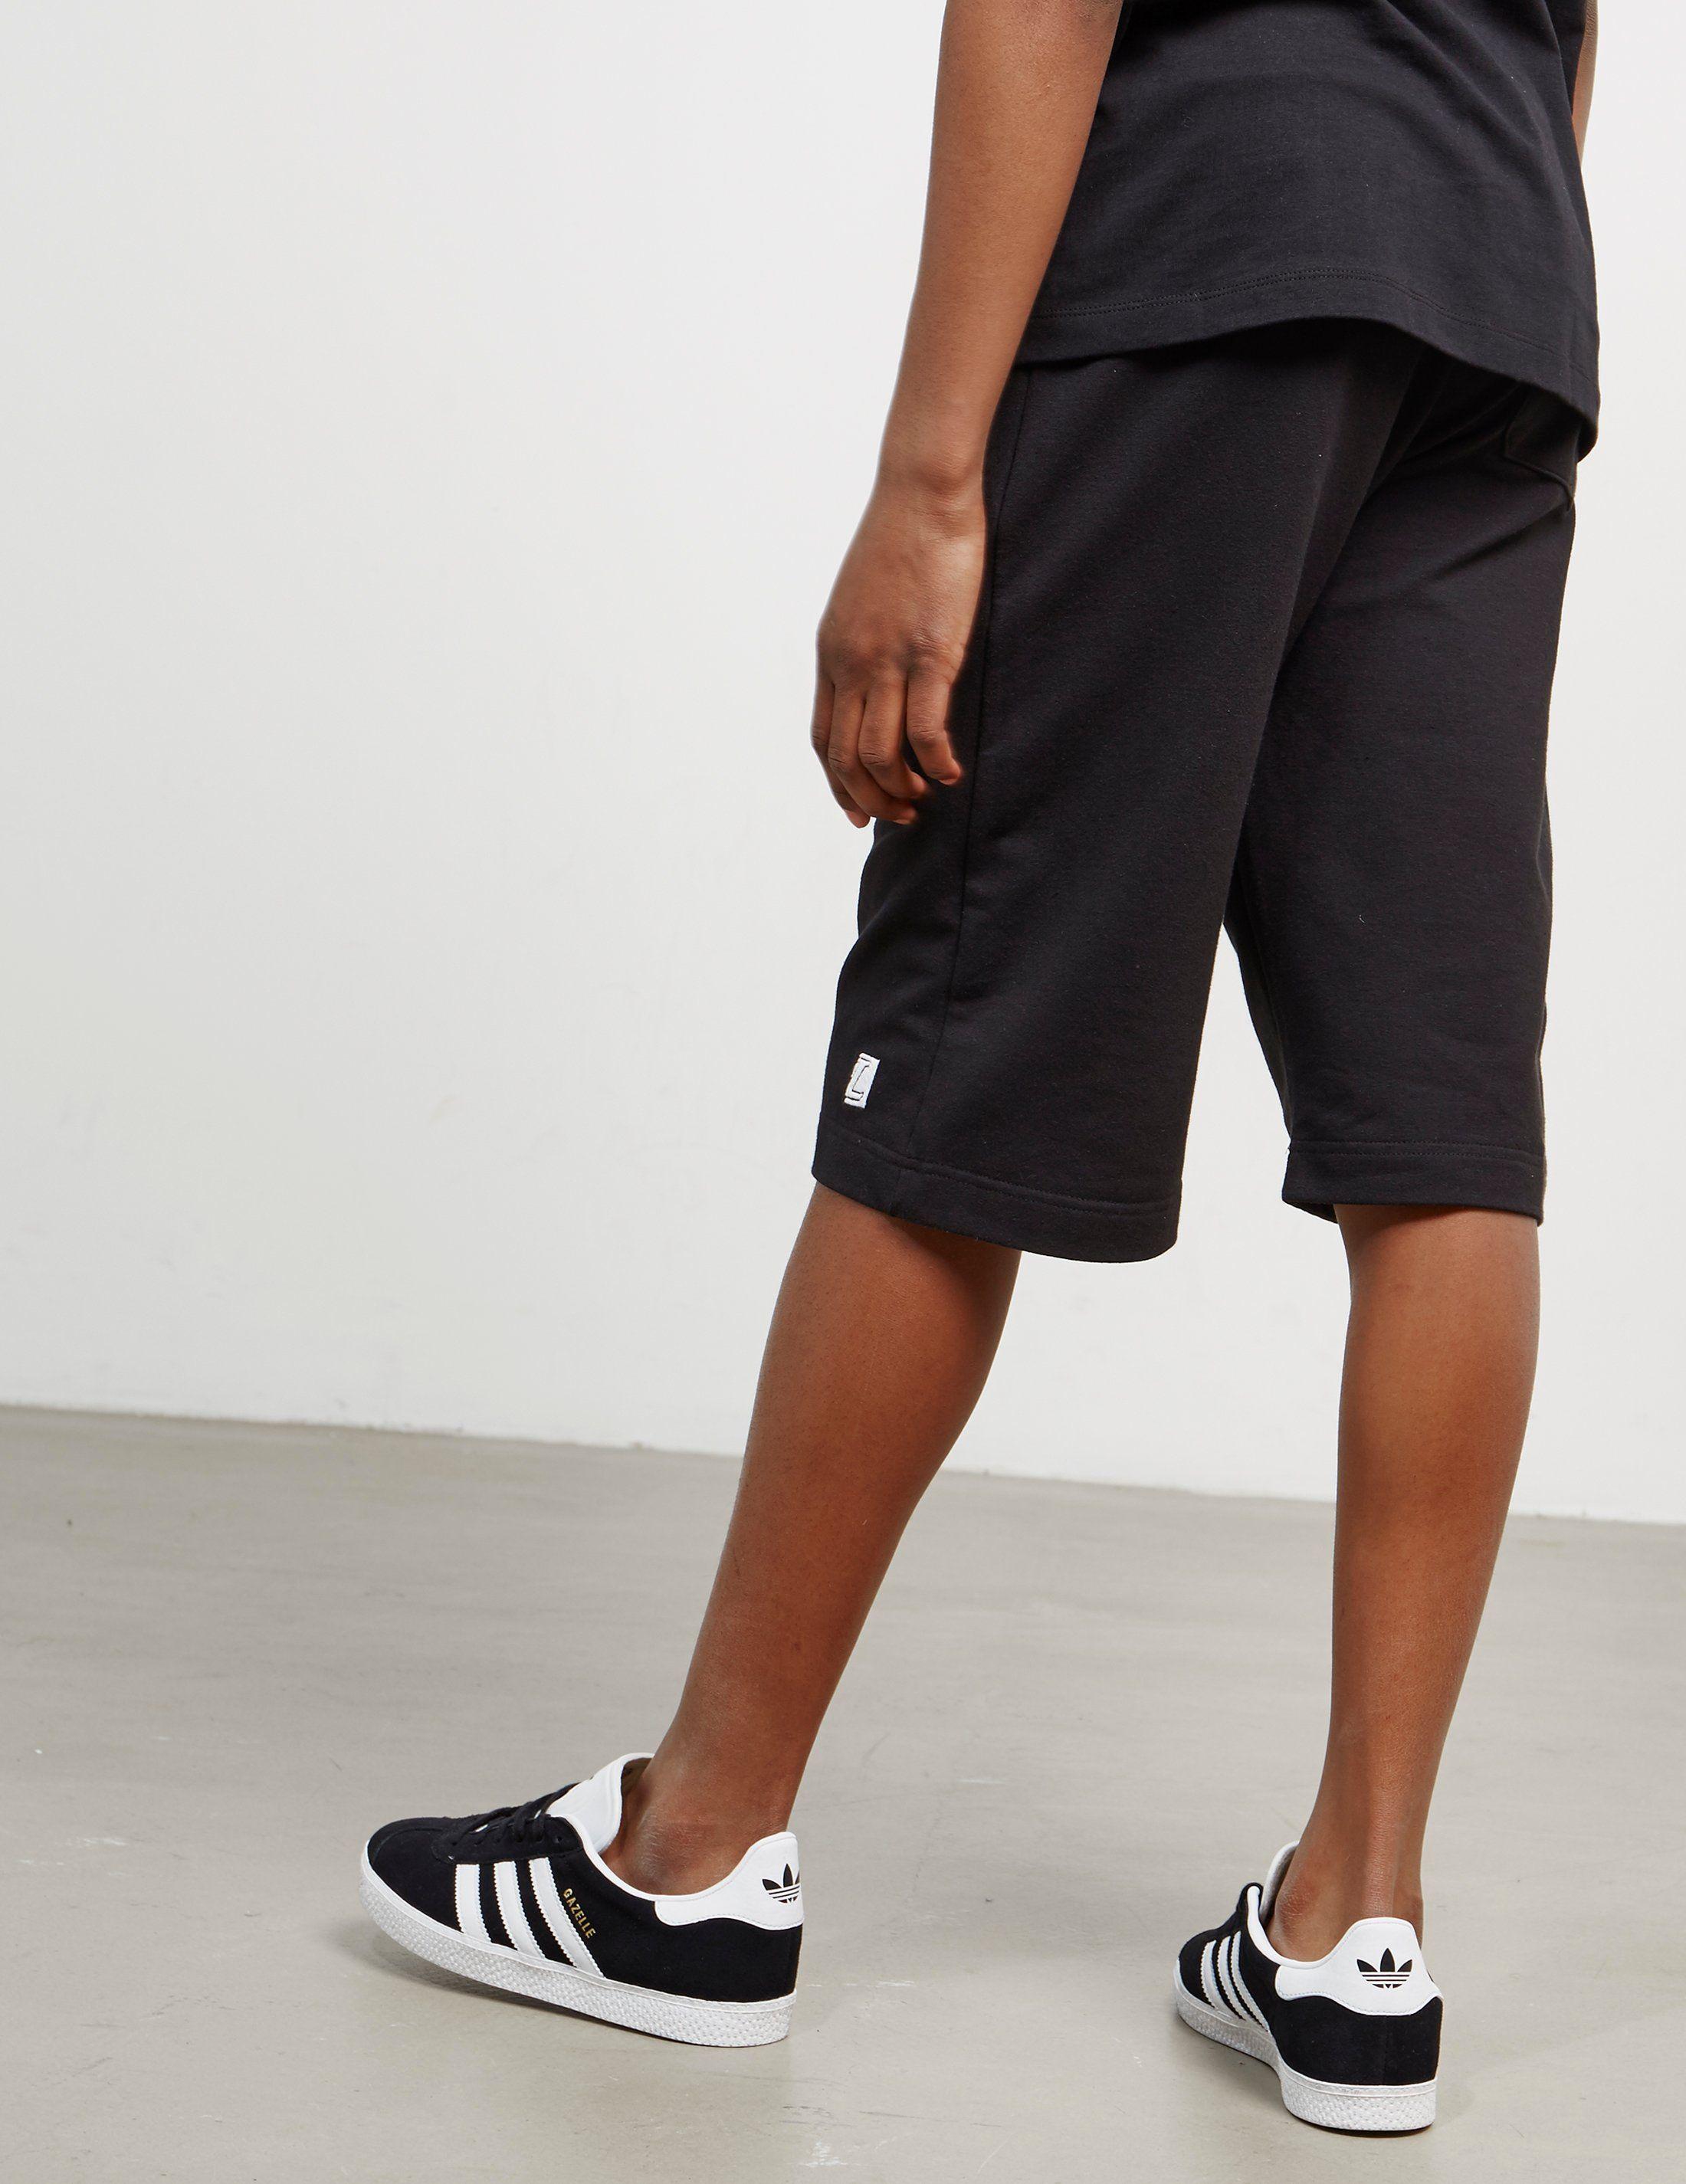 Lanvin Zip Pocket Shorts - Online Exclusive